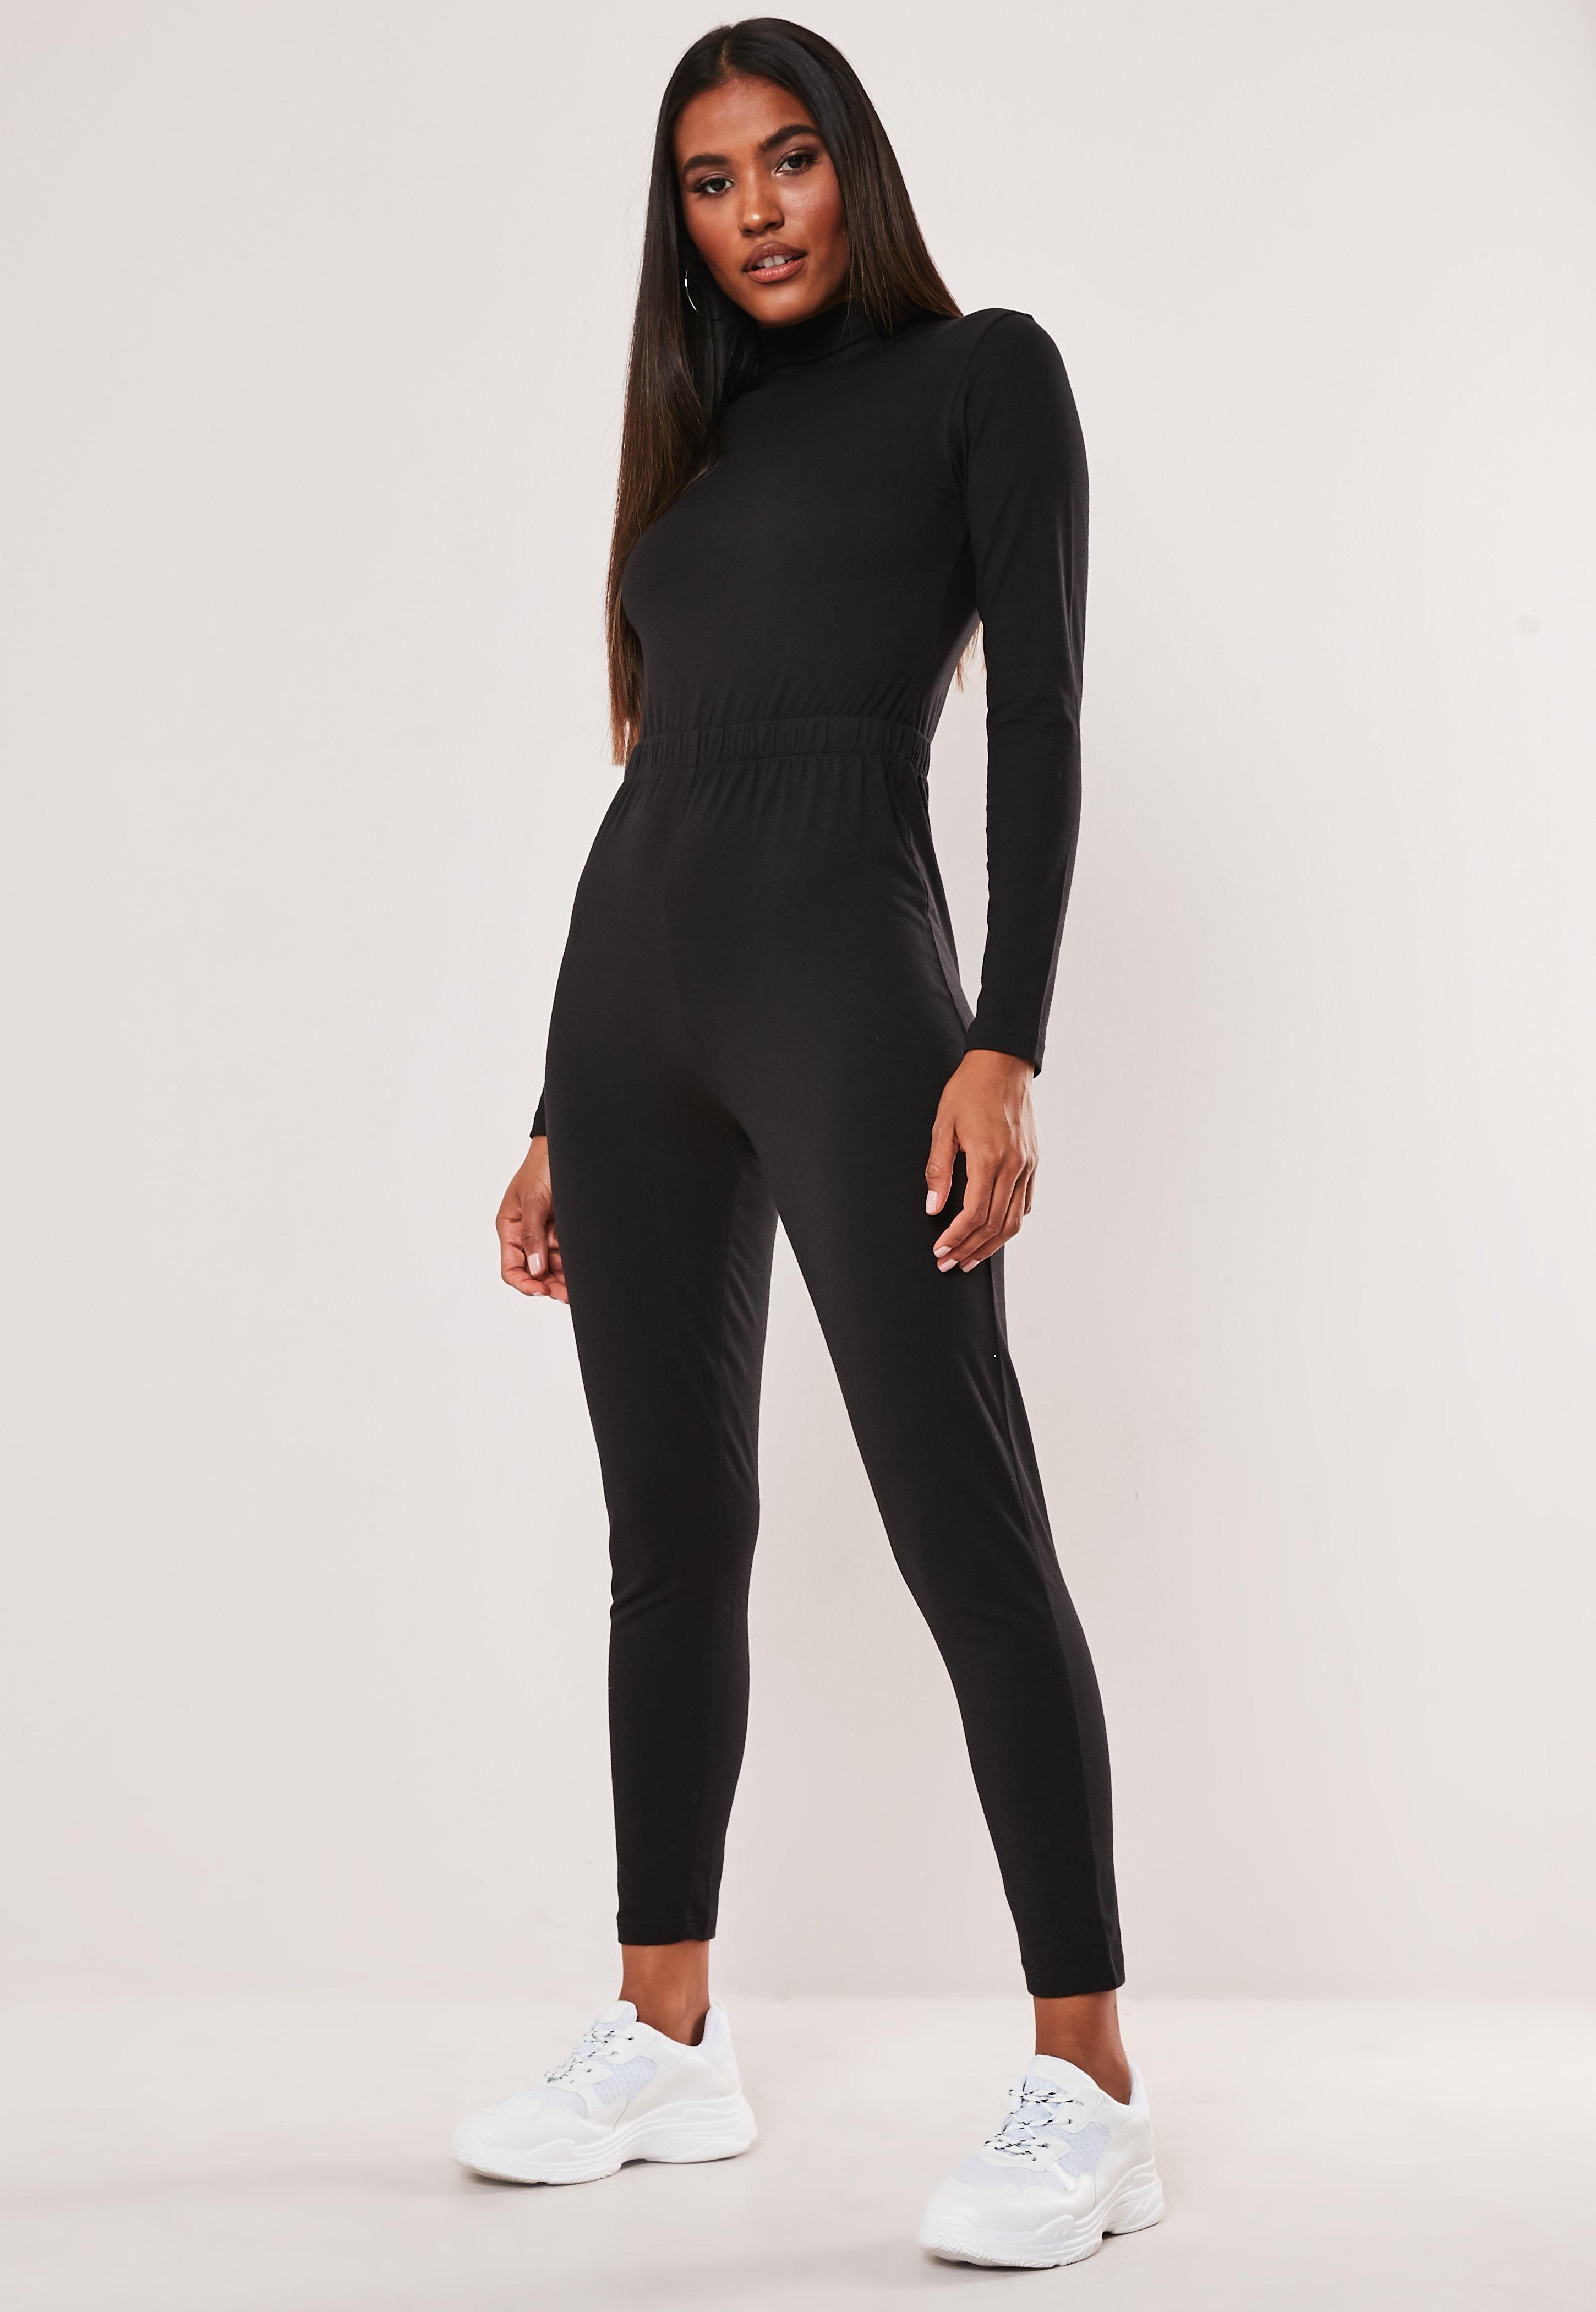 166c98851 Jumpsuits | Women's Jumpsuits Online - Missguided